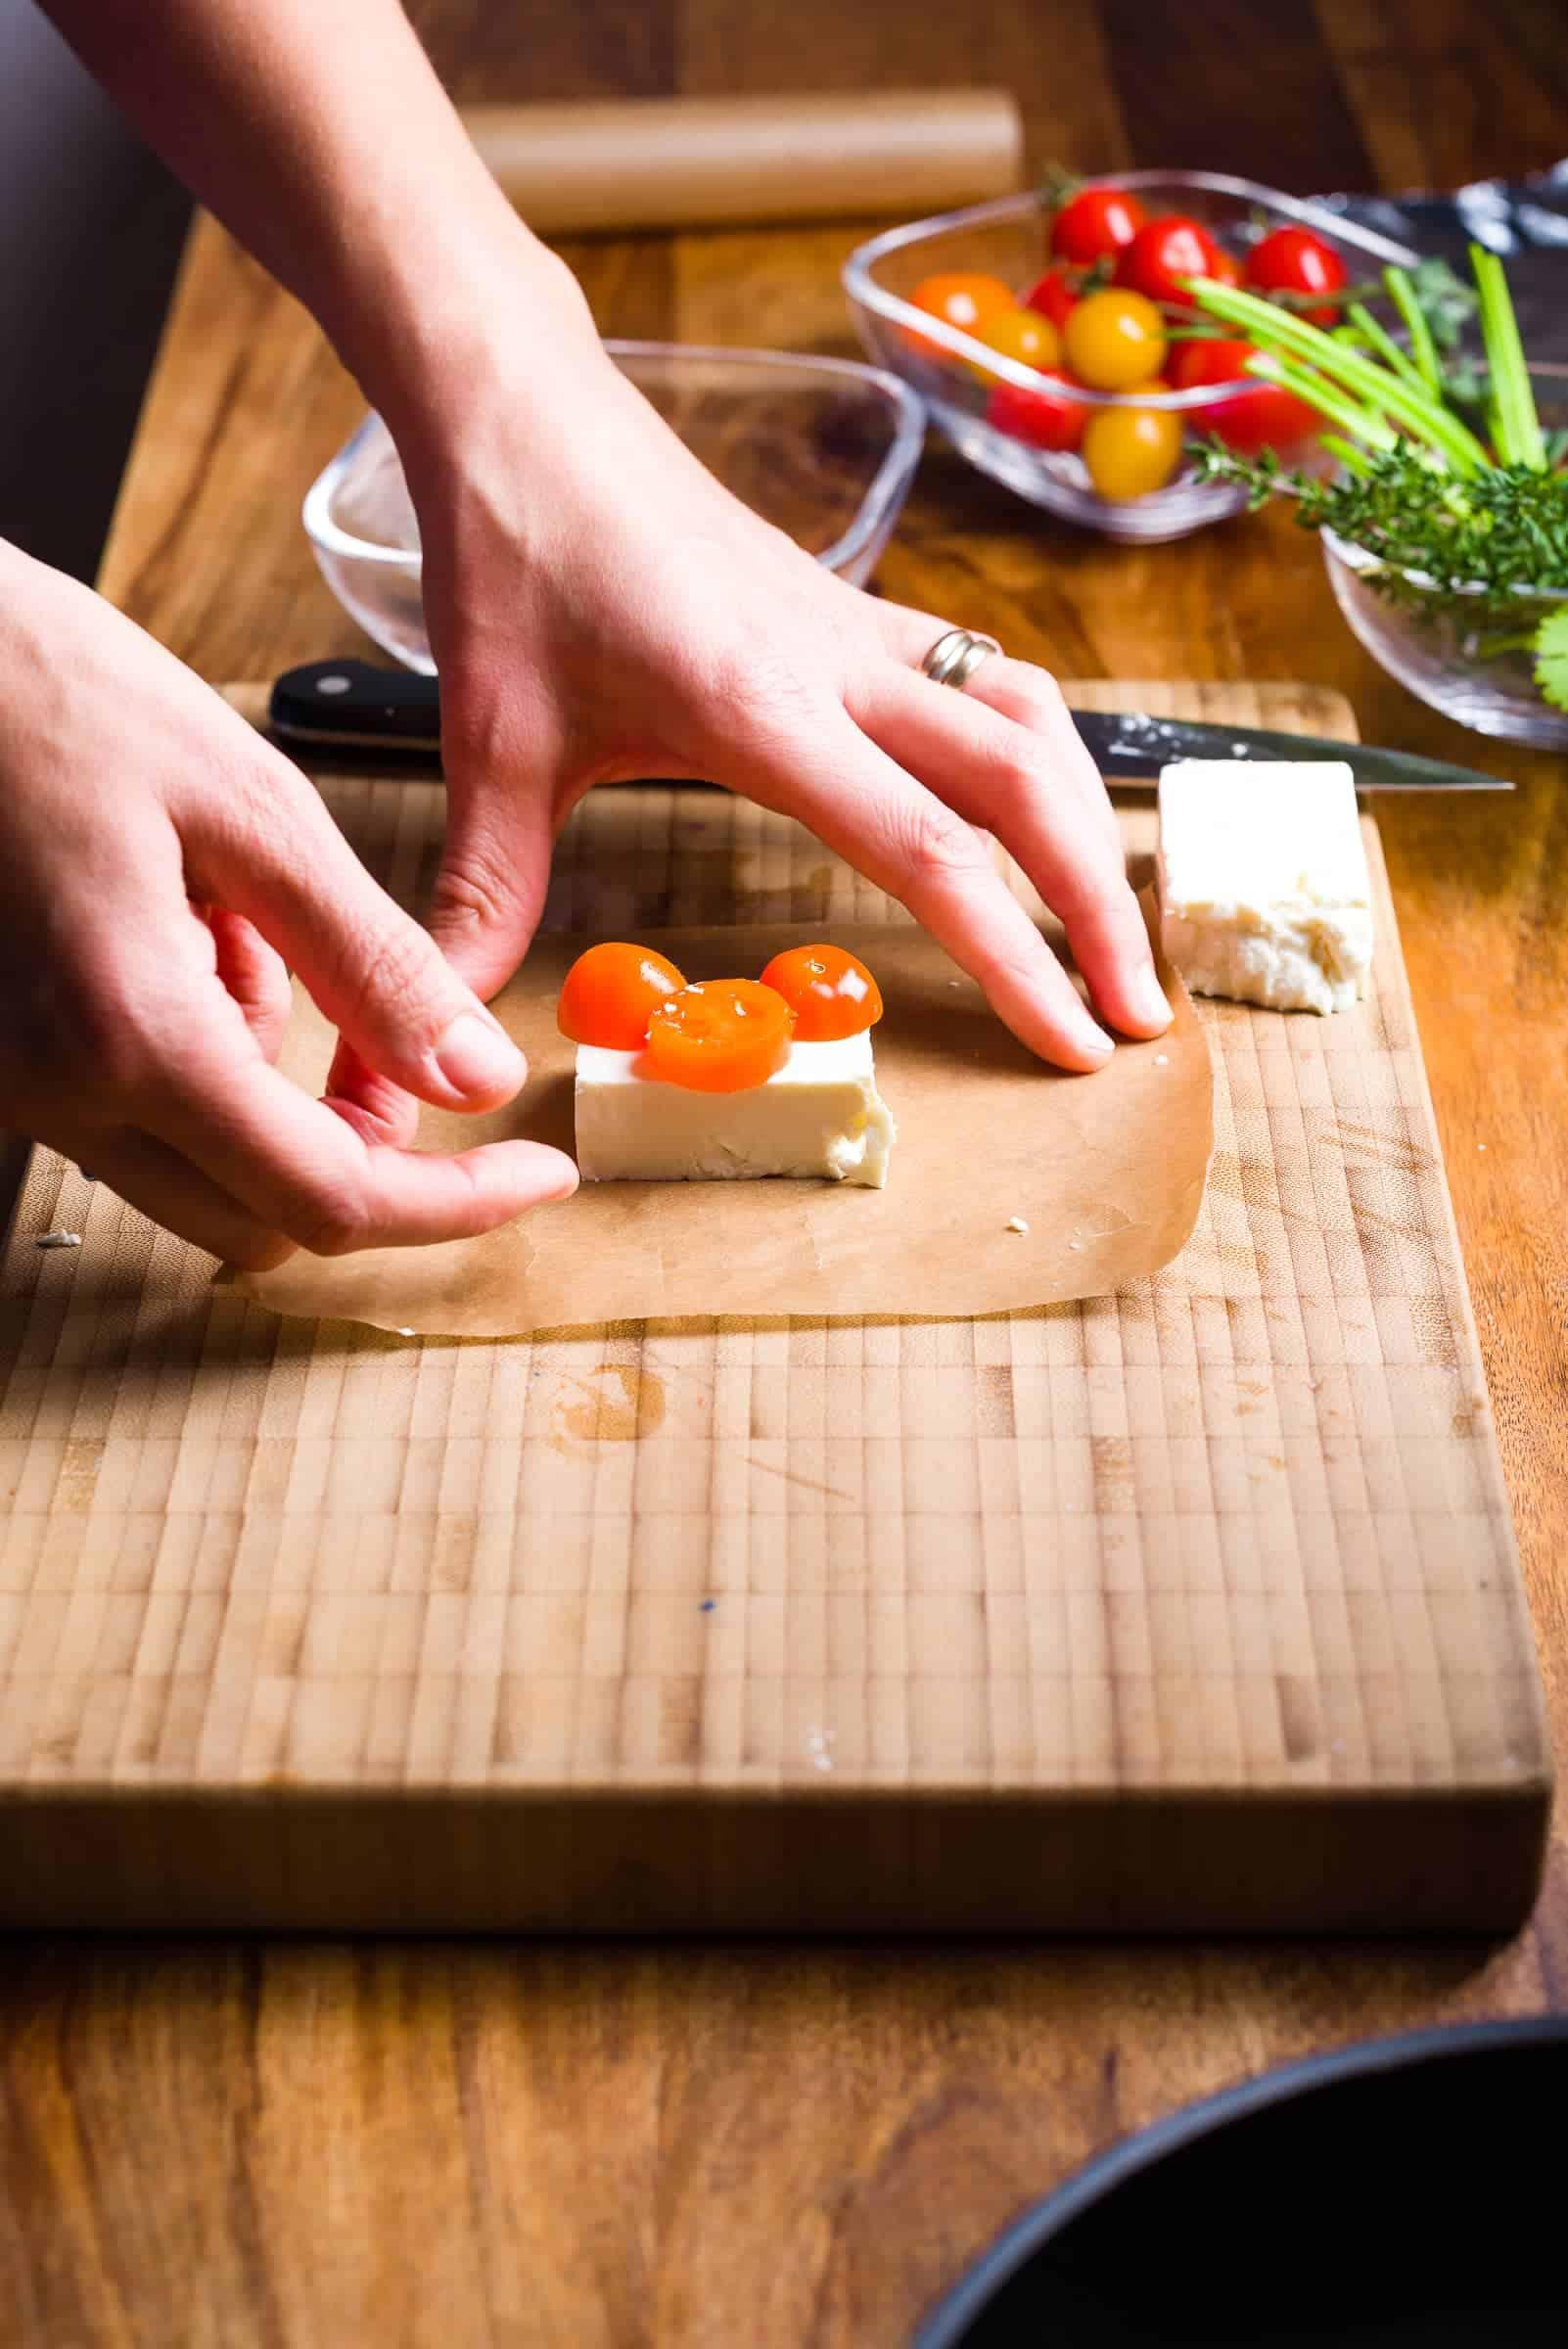 Cartocci di feta aromatizzata_ricetta_gnamam.com_prep2